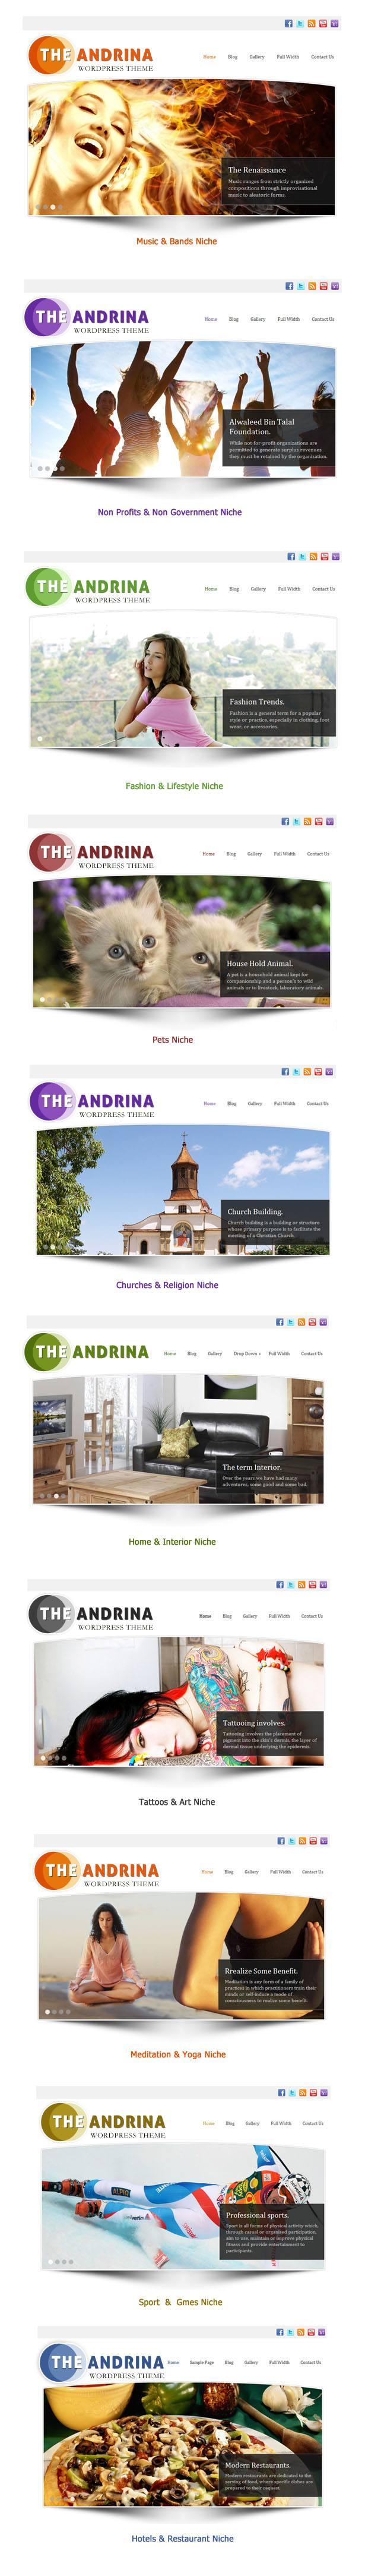 Andrina show